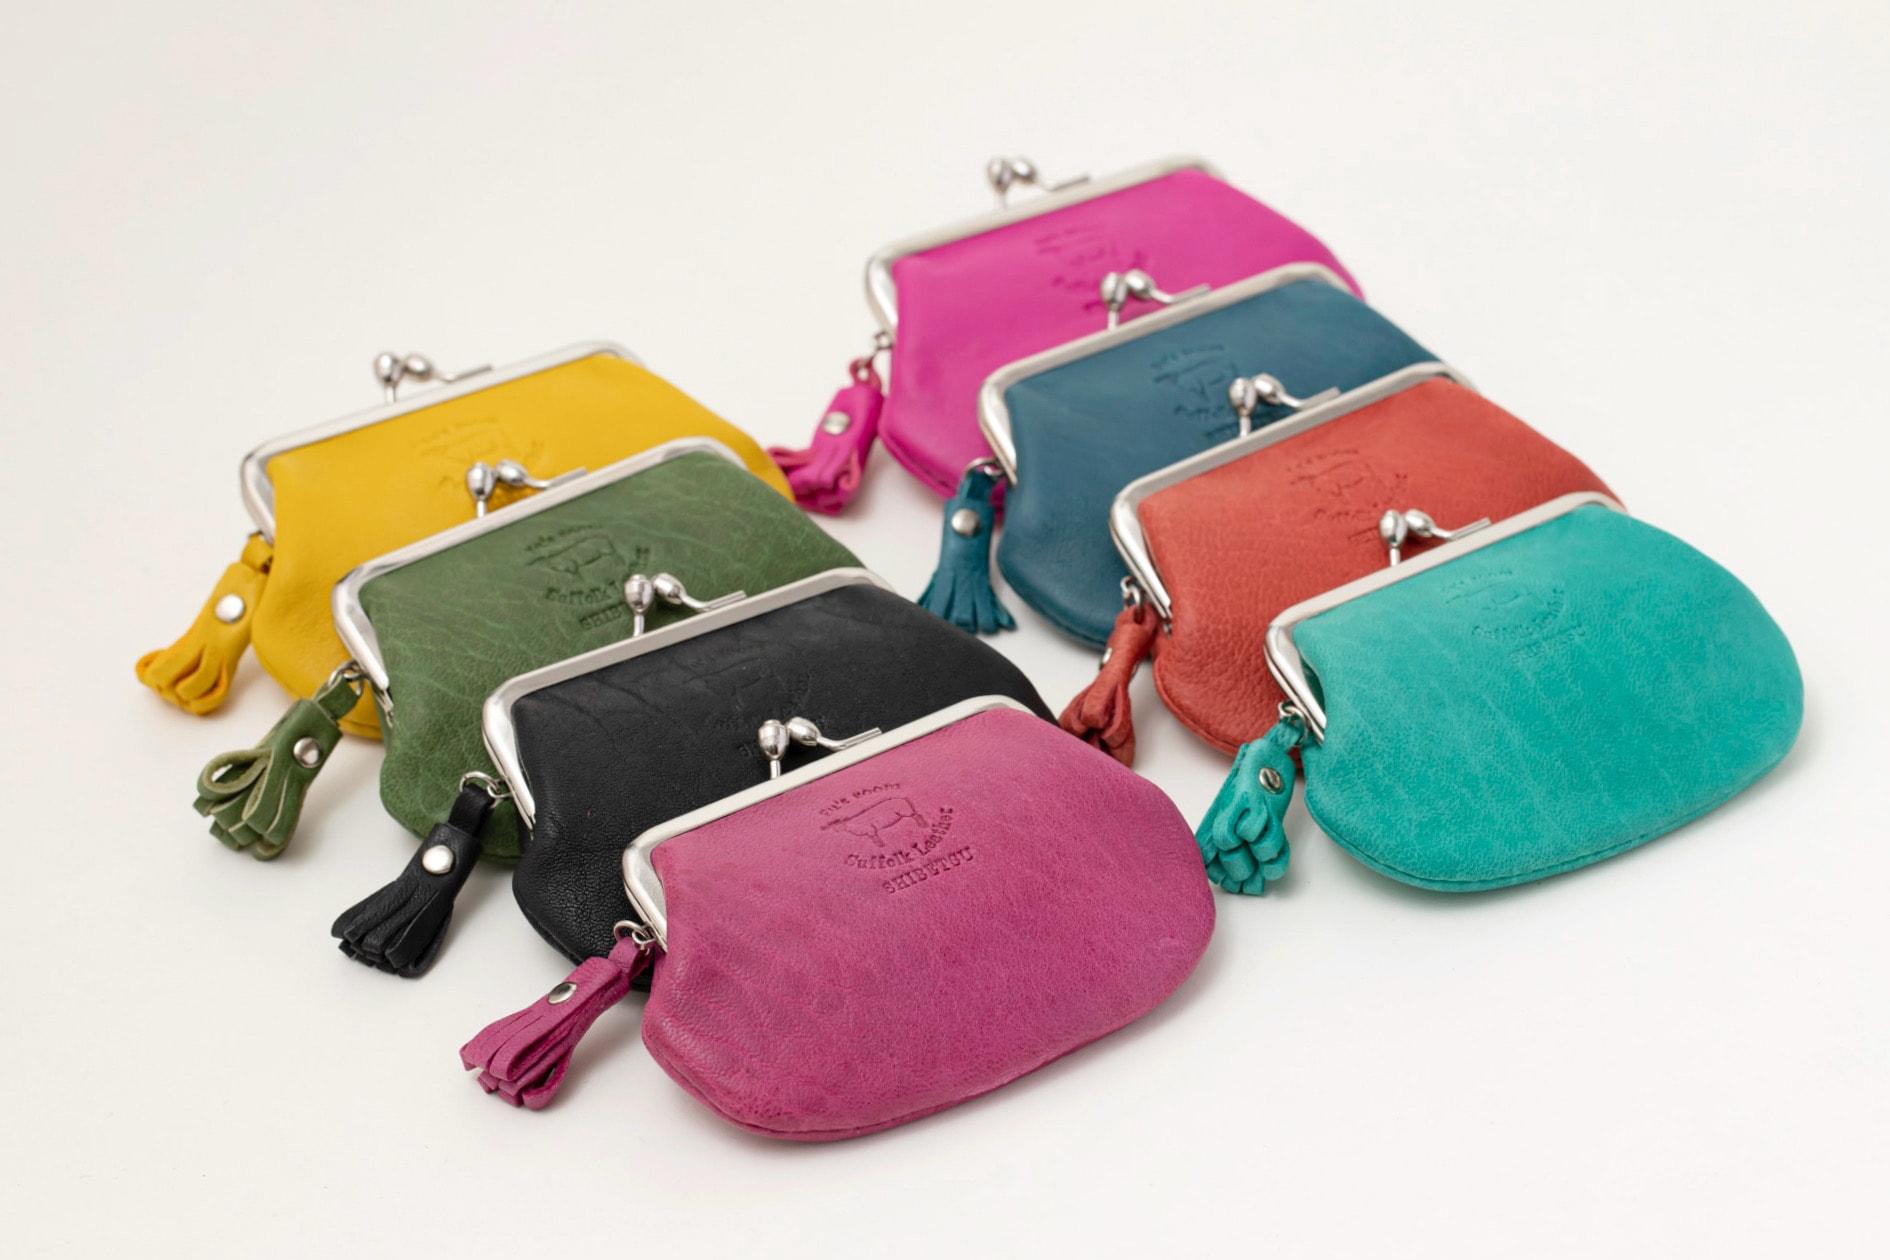 北海道の羊革で作られたFu's roomの「がま口(Mサイズ)」8カラー,サフォークレザーのハンドメイド財布,札幌スタイル認証製品